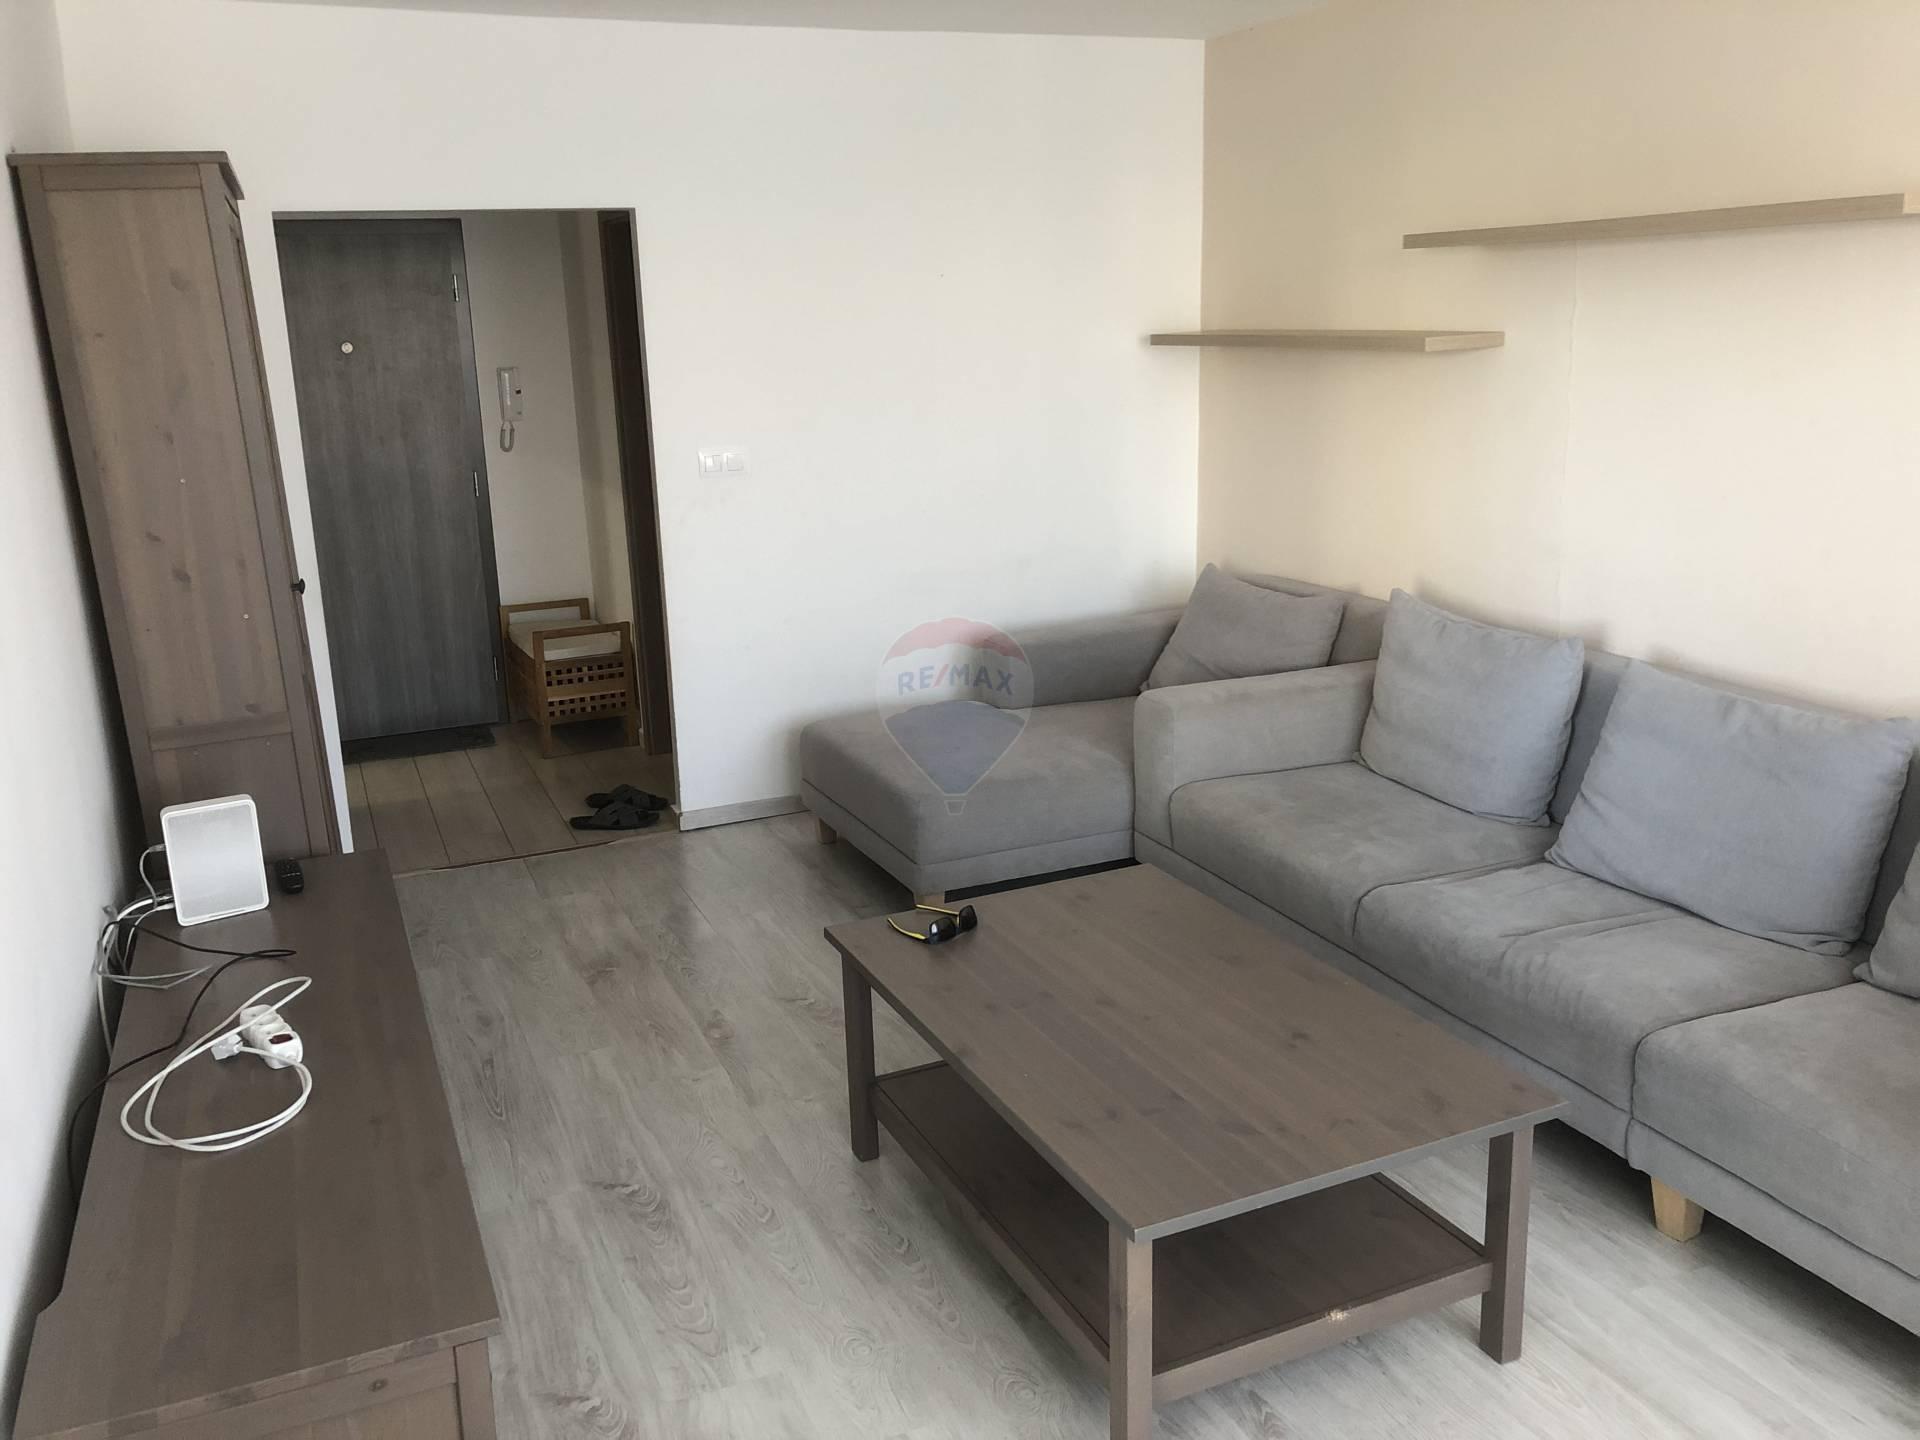 Prenájom bytu (3 izbový) 75 m2, Trnava - obývačka